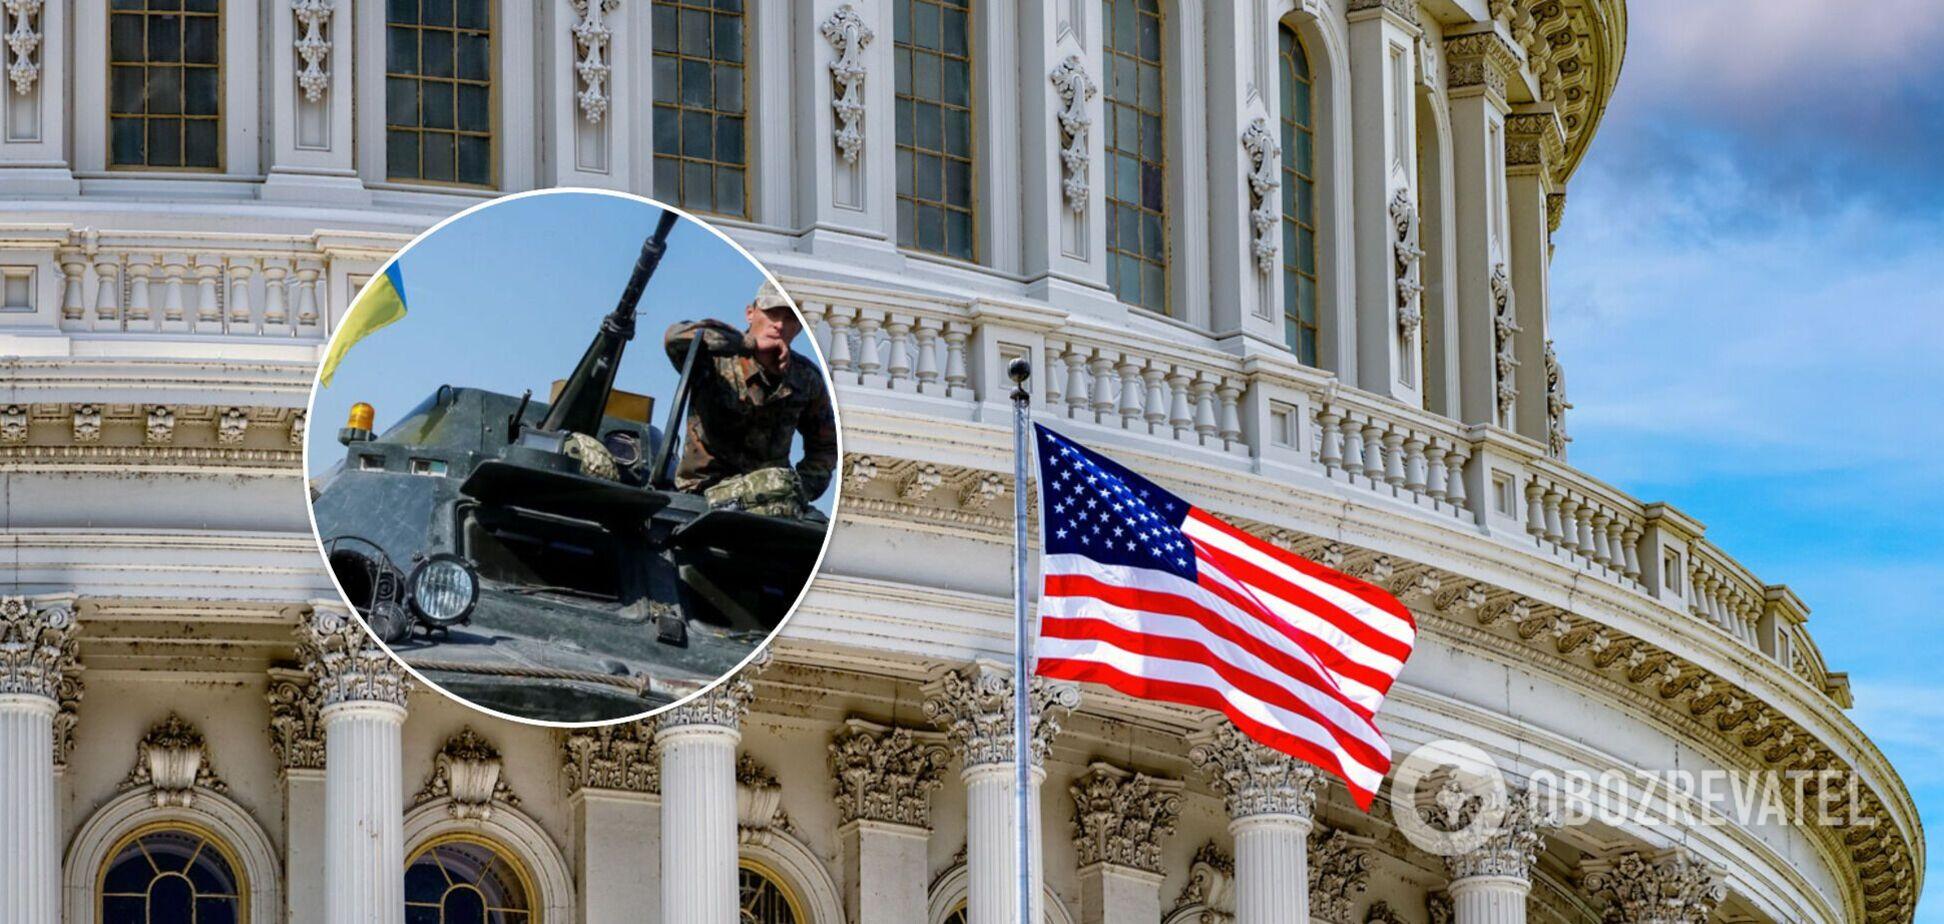 В Сенате США до $300 млн увеличили помощь Украине на летальное оружие